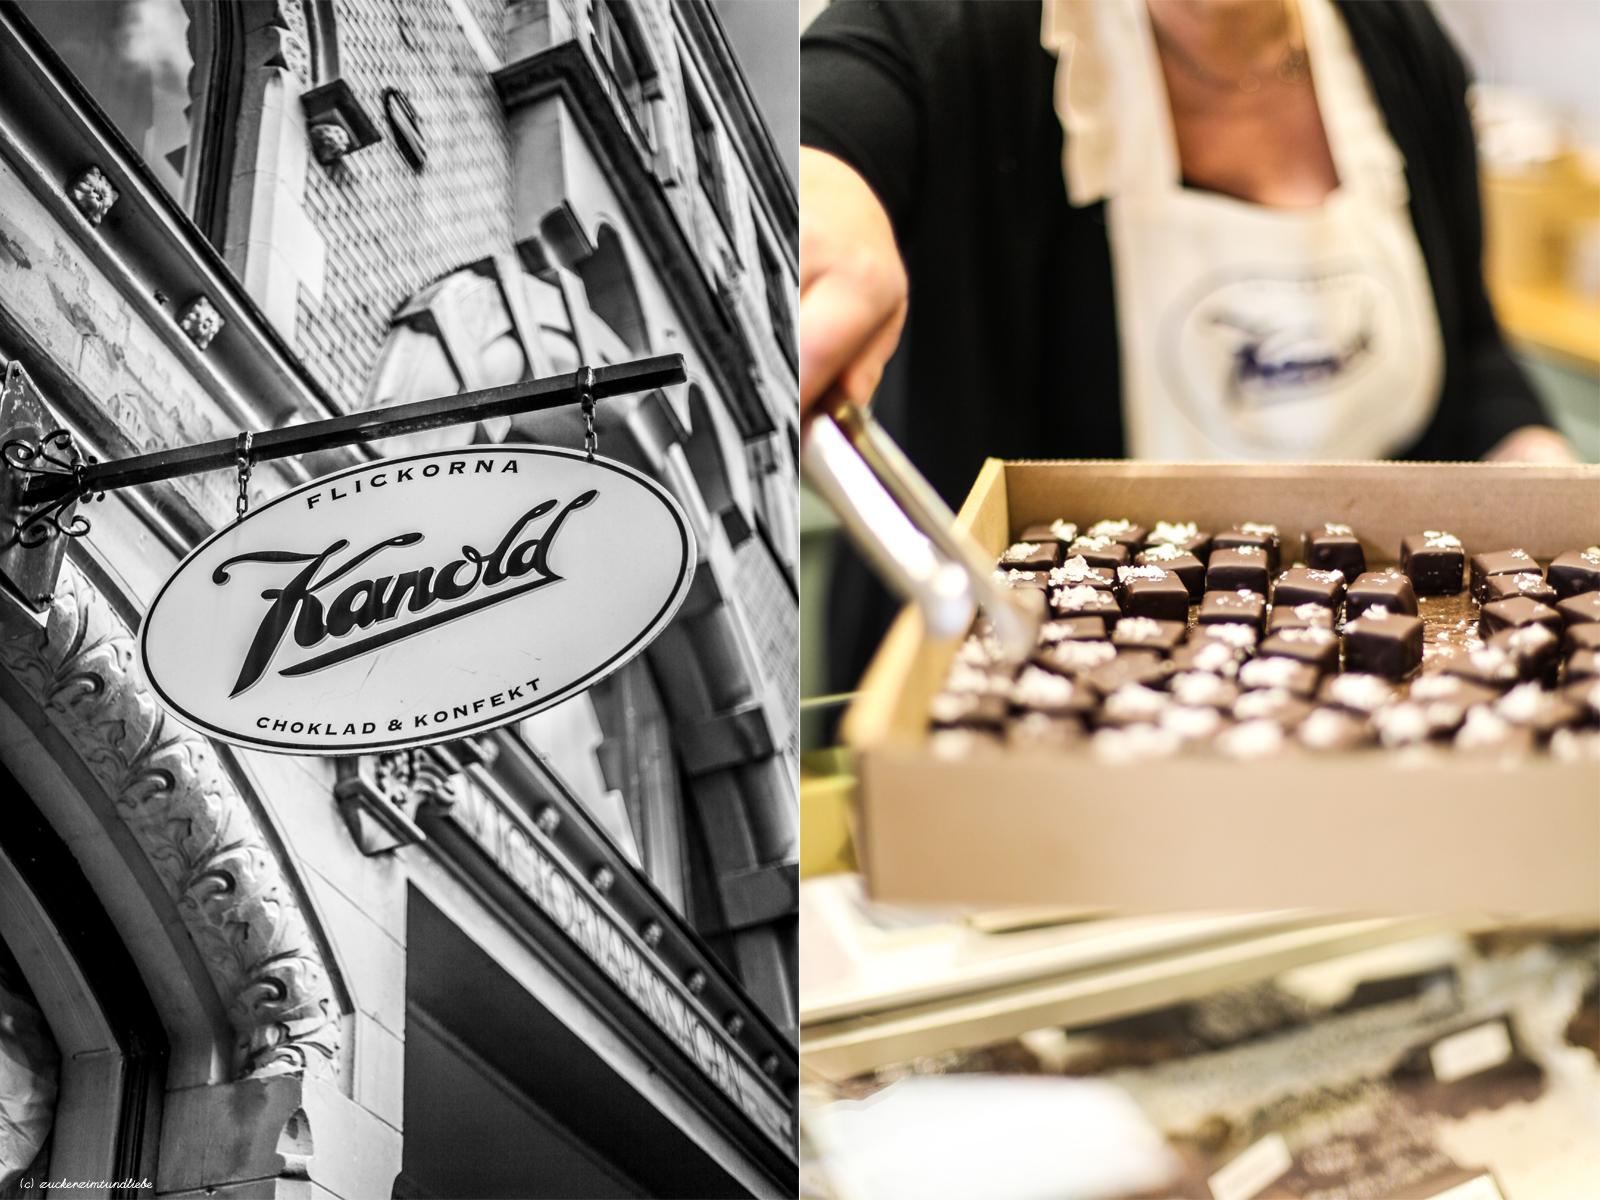 Zuckerzimtundliebe Göteborg Westschweden Kanold Schokoladenmanufaktur